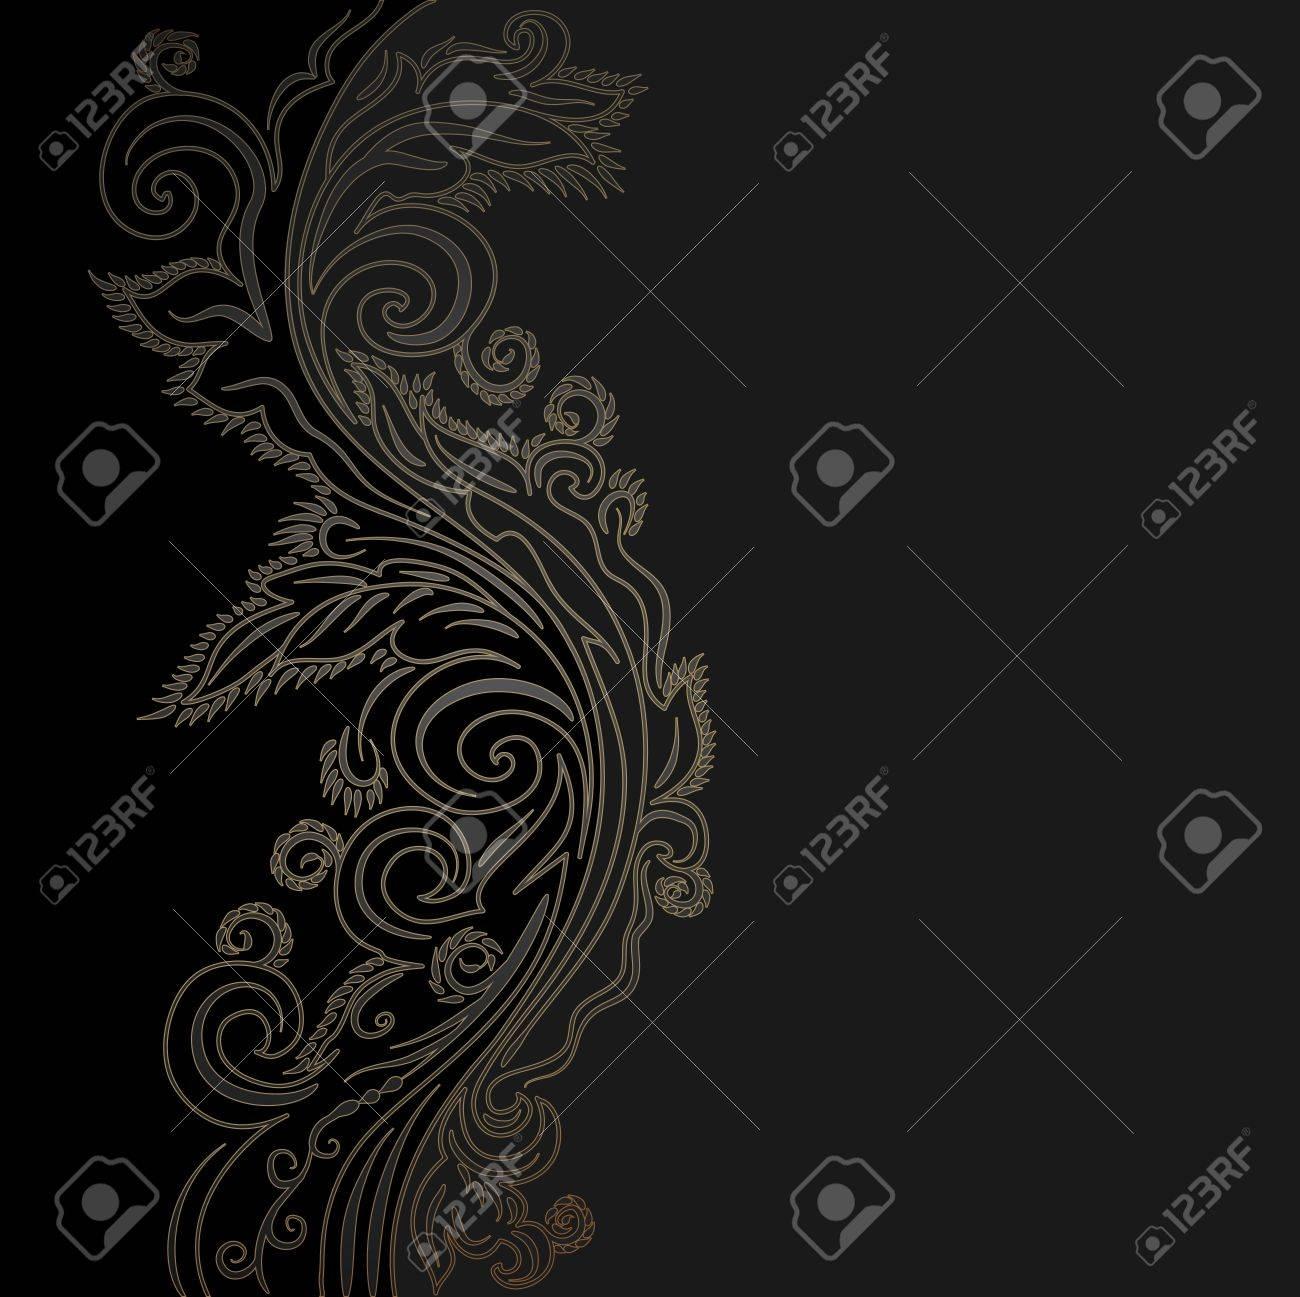 Diseño Negro Y Fondo De Oro Adornado De Vectores Ilustraciones ...